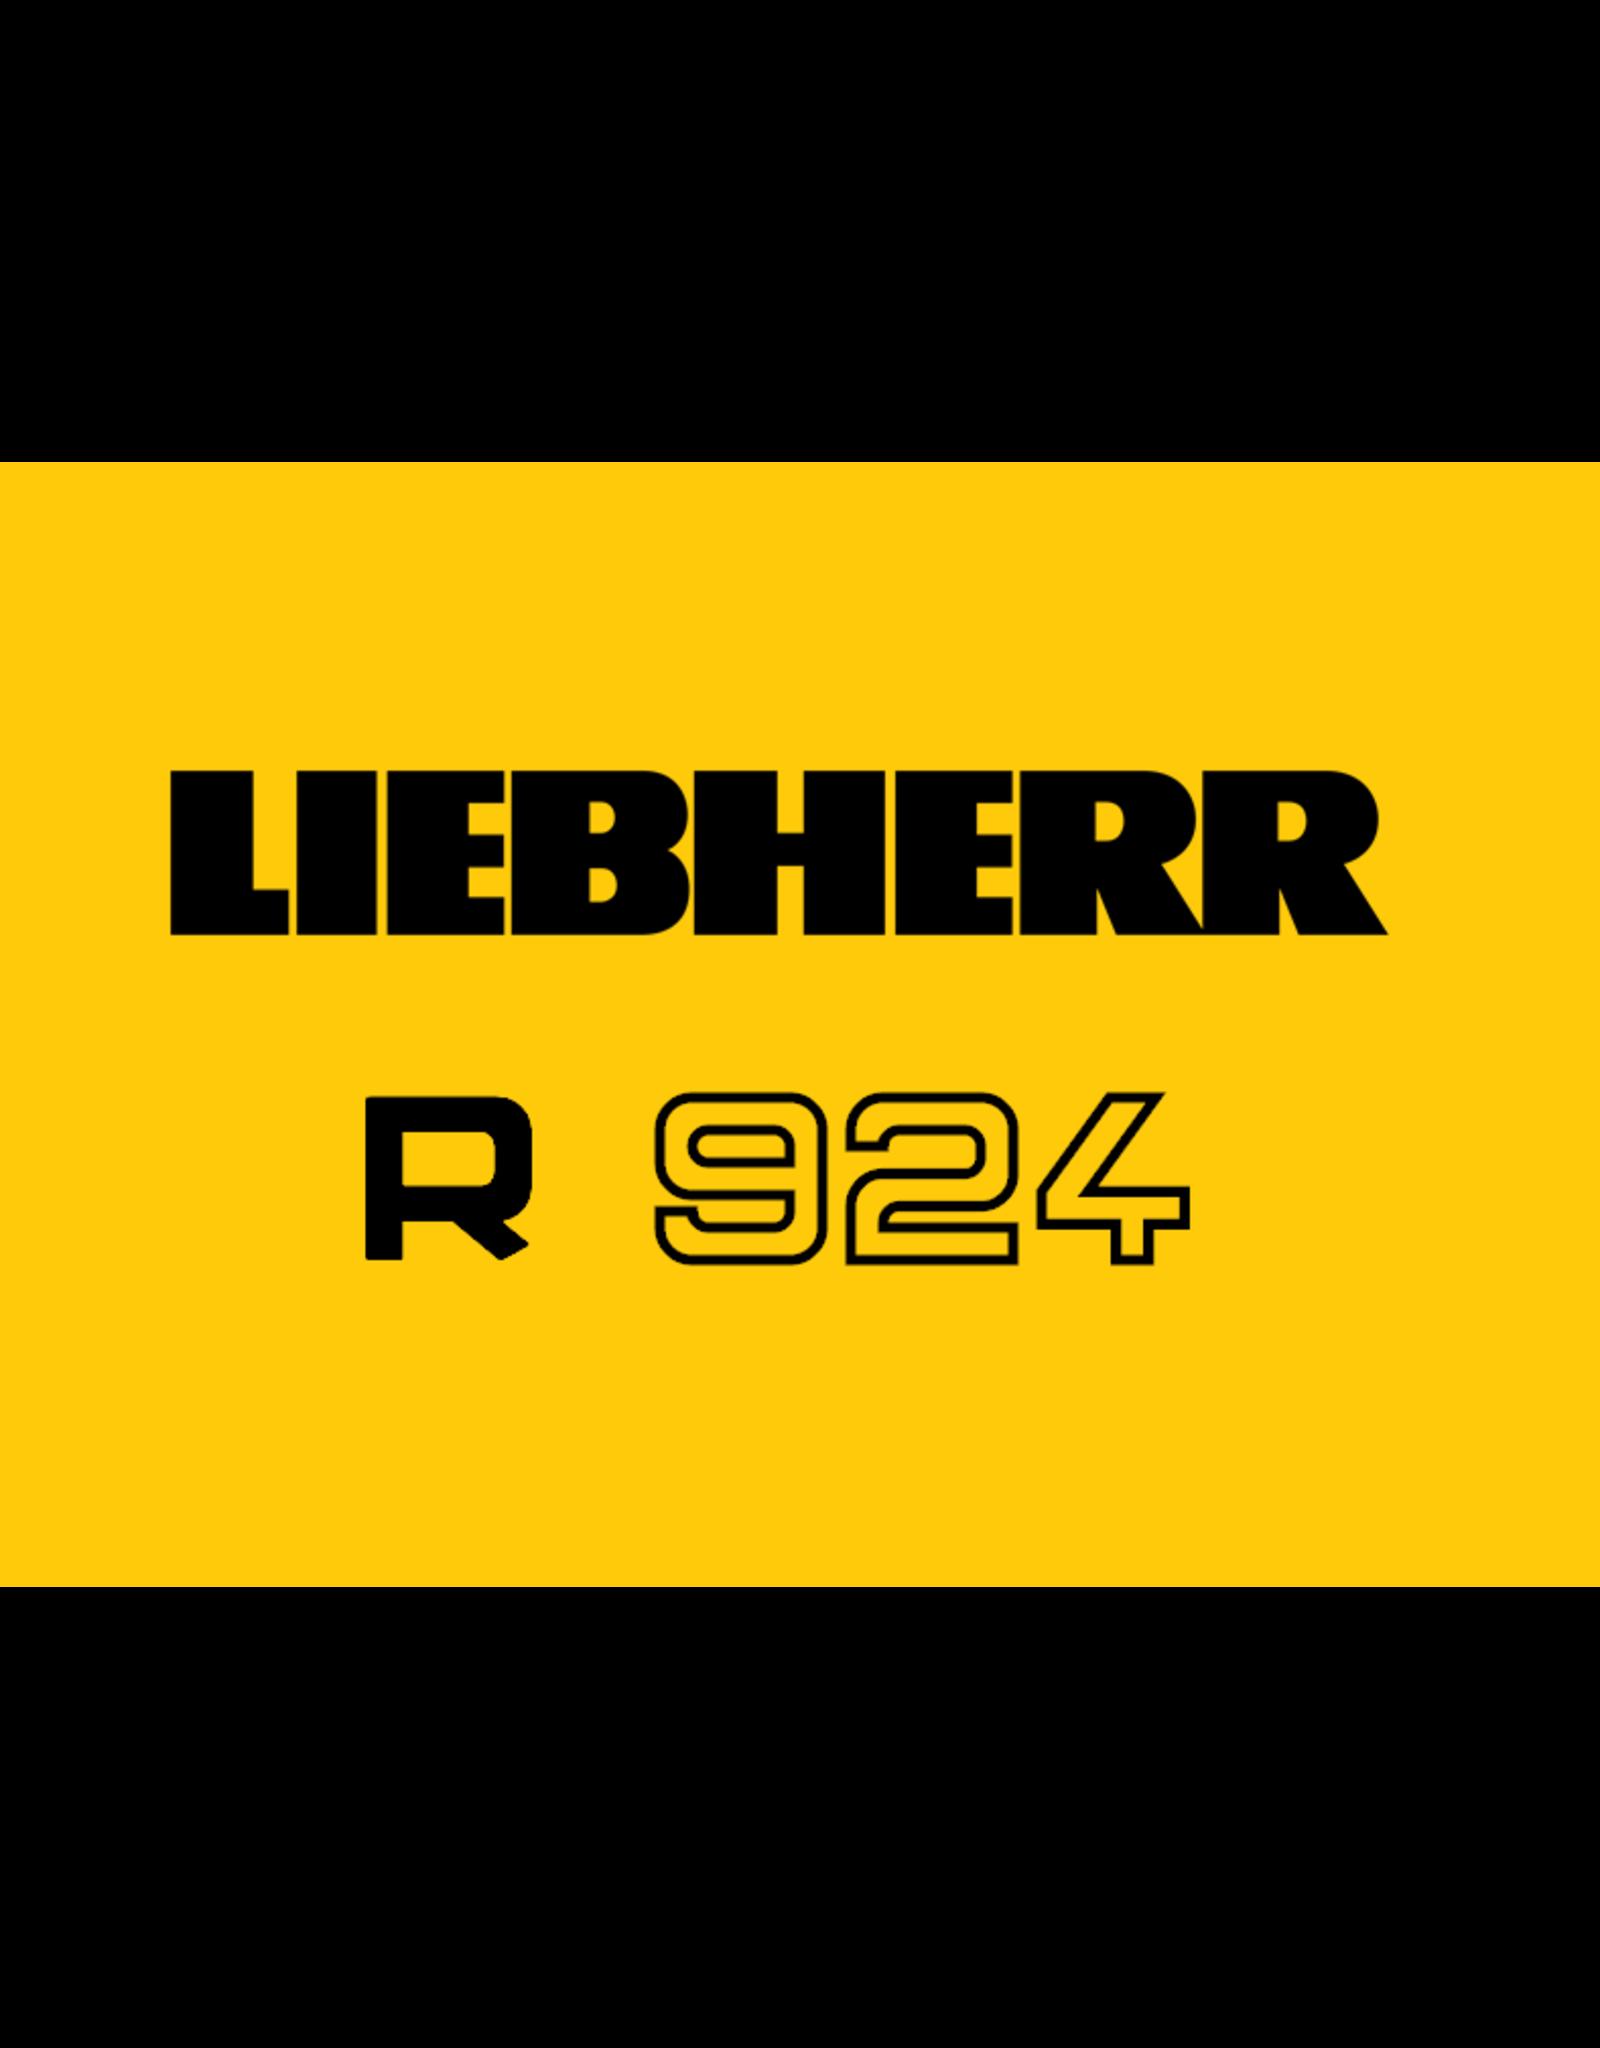 Echle Hartstahl GmbH FOPS für Liebherr R 924